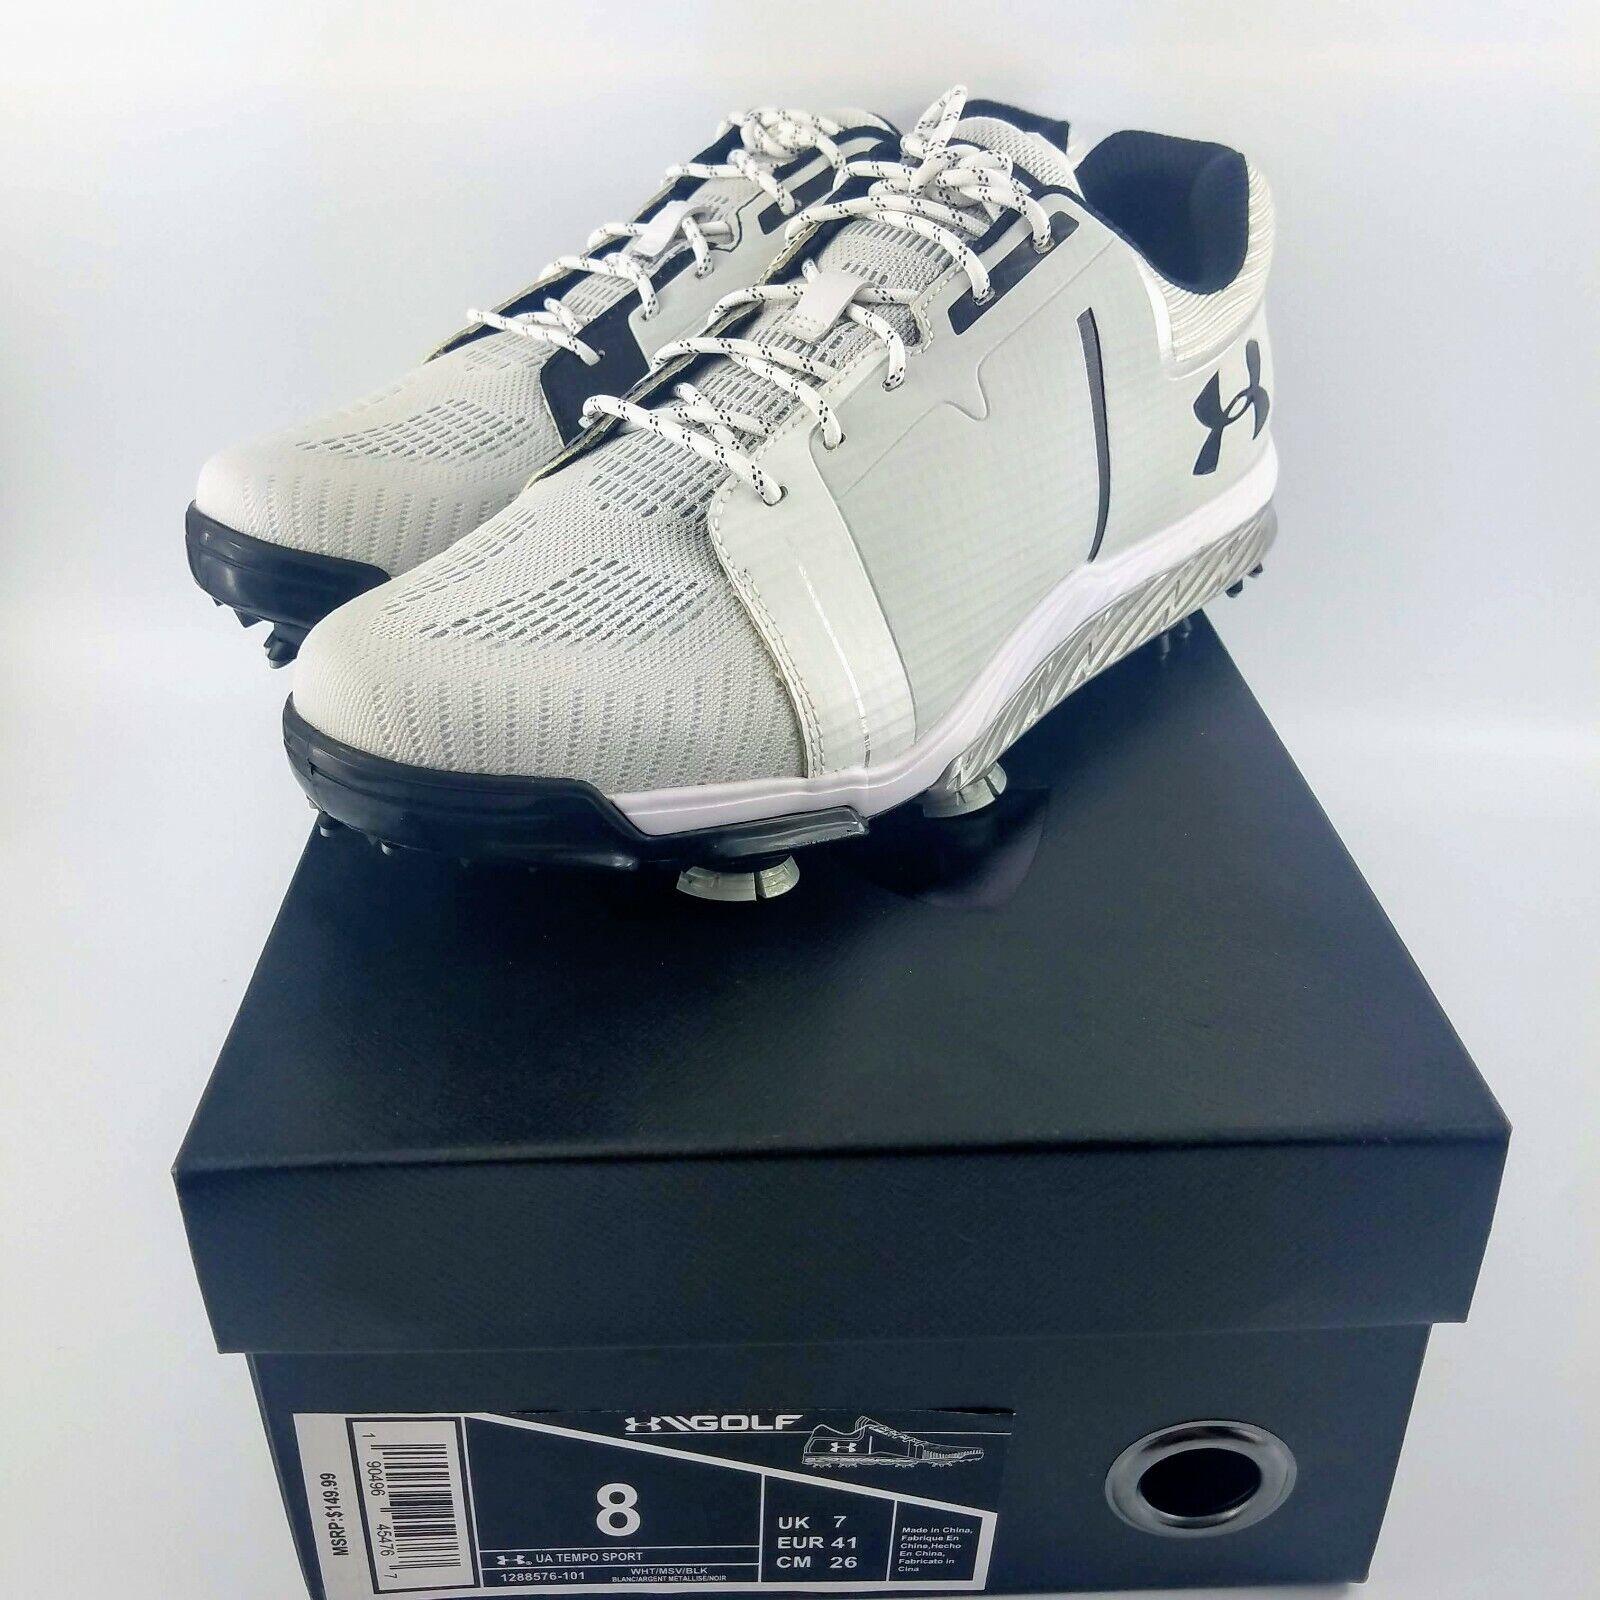 Under Armour UA Tempo Sport Golf Shoes